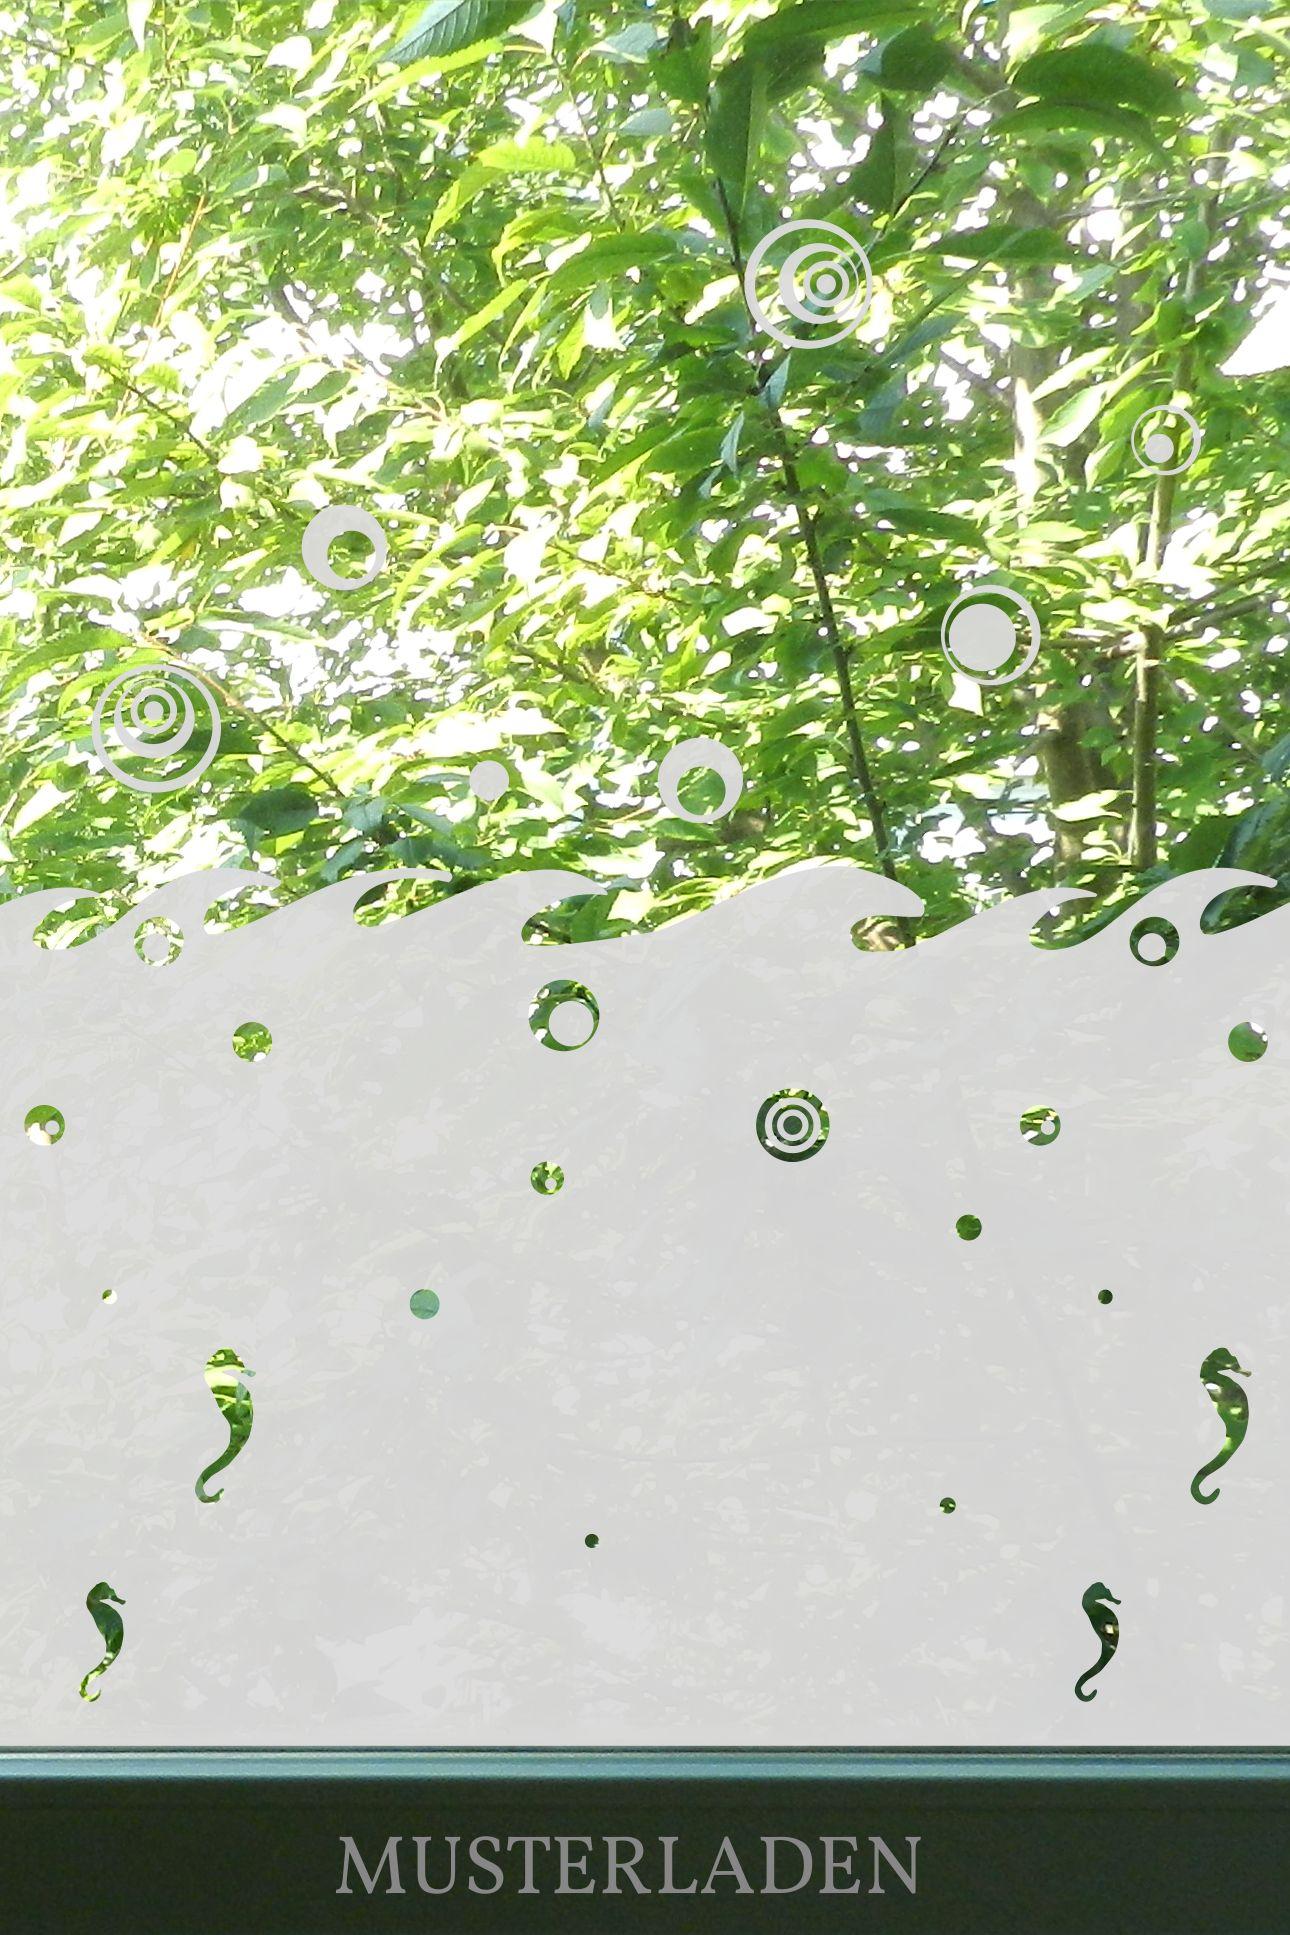 Full Size of Klebefolie Für Fenster Sichtschutz Folie Mit Motiv Frs Badezimmer Fenstertattoo Sprossen Dampfreiniger Gardinen Die Küche Insektenschutz Ohne Bohren Einbau Fenster Klebefolie Für Fenster